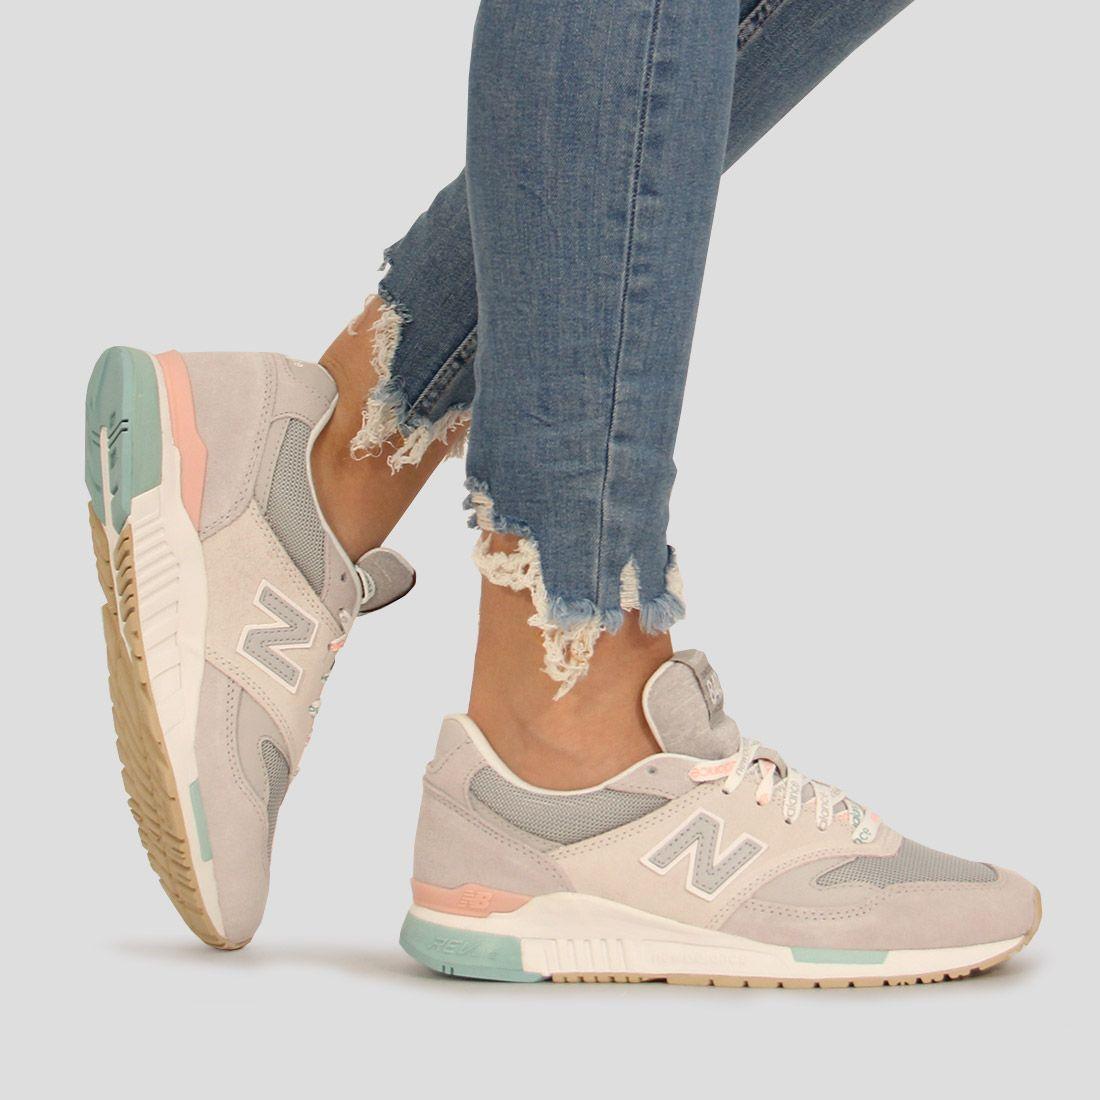 Wl840 rtn | Nice en 2019 | Zapatos, Zapatos deportivos y ...